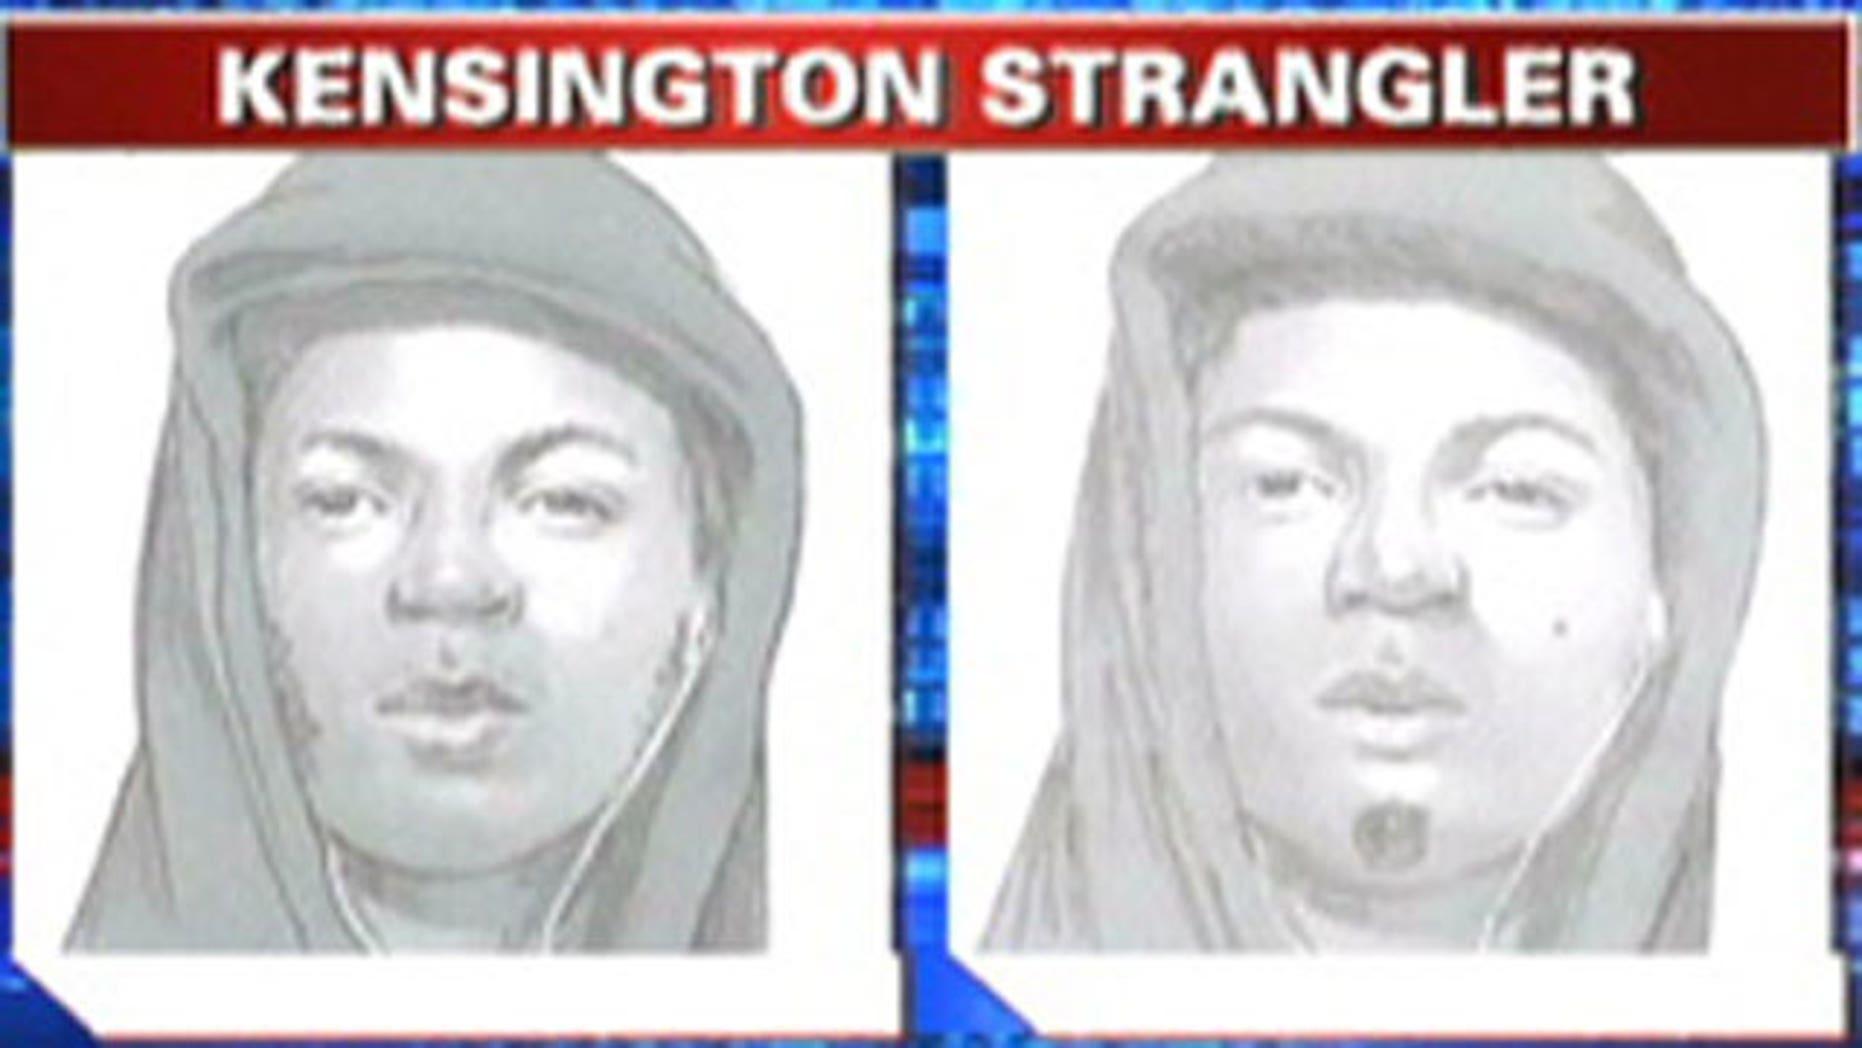 Sketch of Kensington Strangler suspect in Philadelphia.